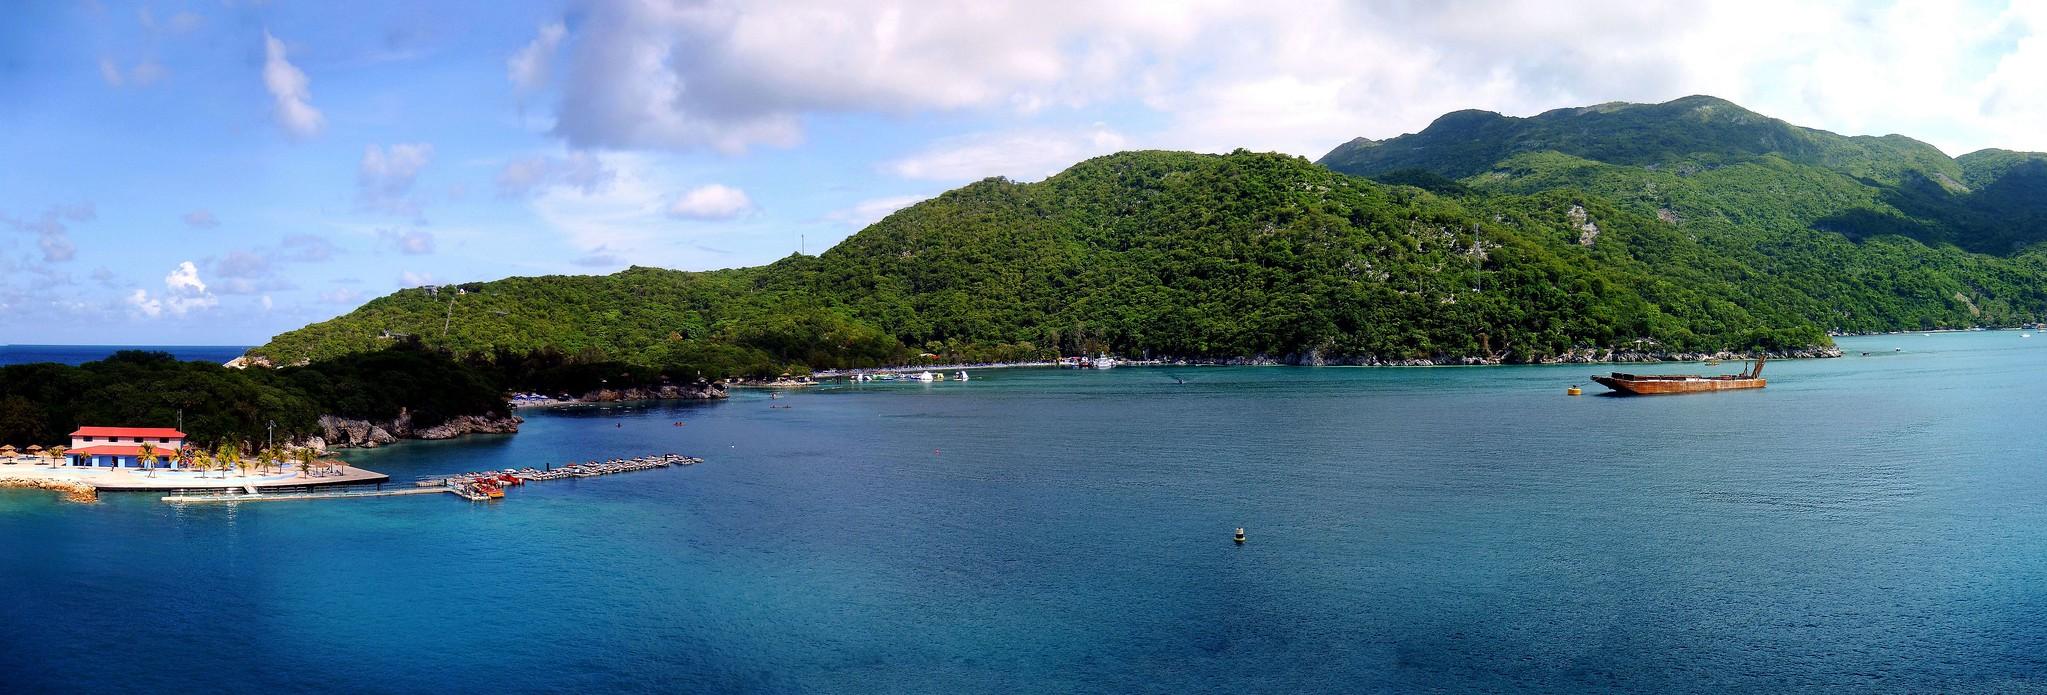 Labadee, Haiti panorama